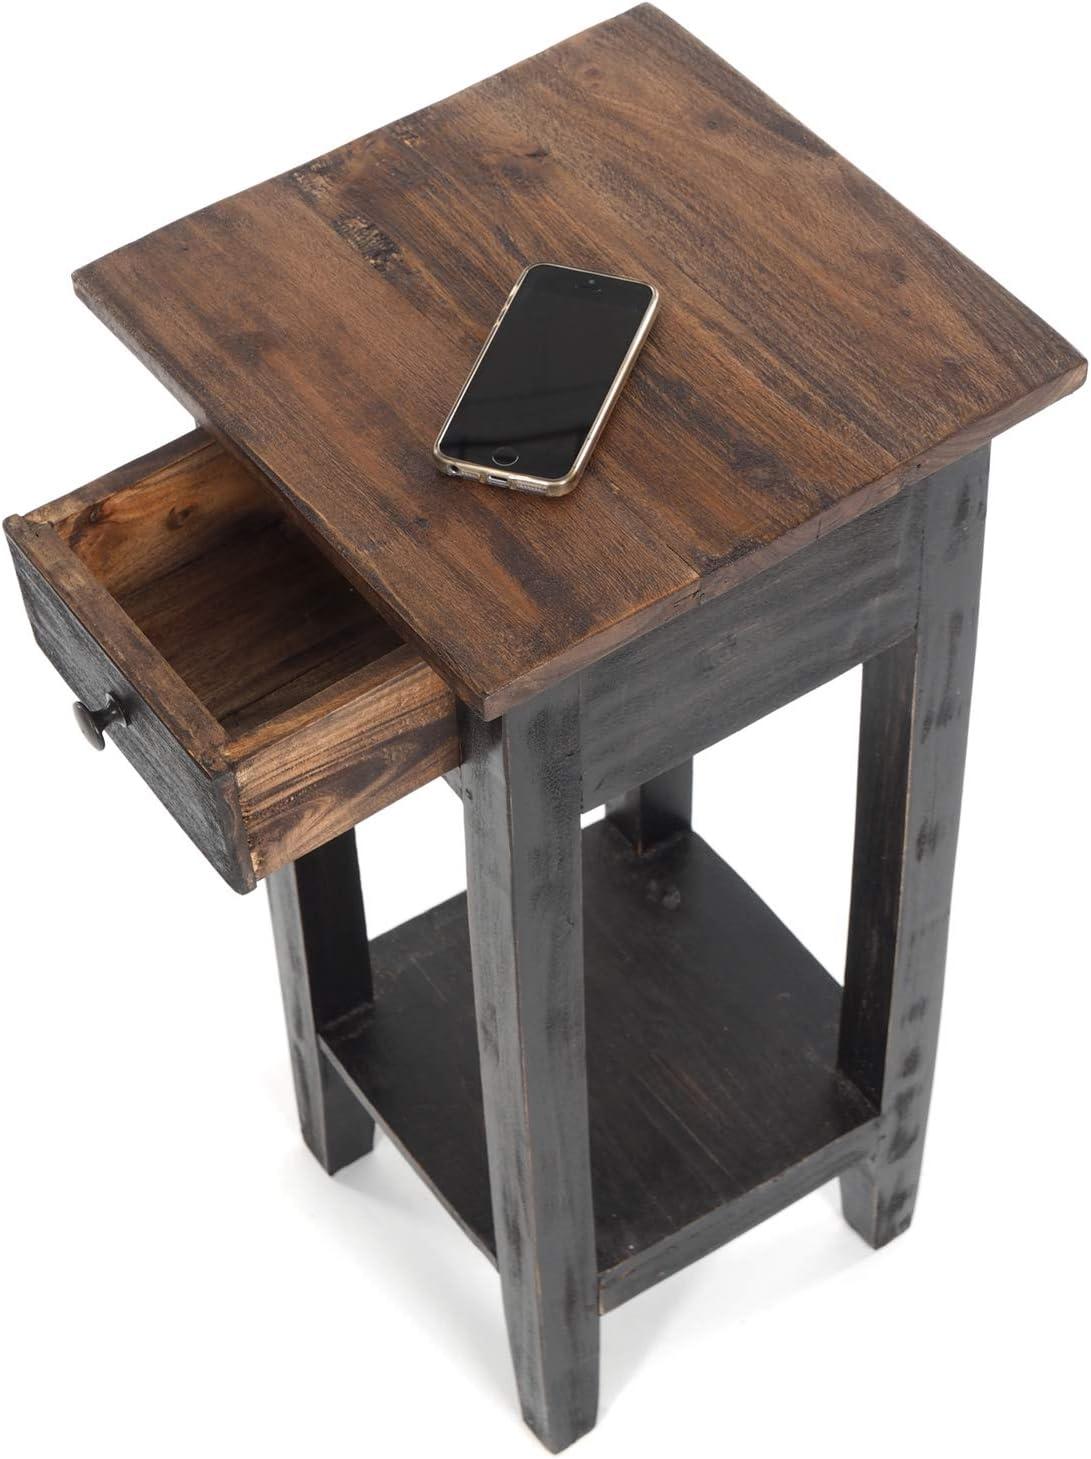 Stile Shabby Tavolino Vintage in Legno di Mogano Riciclato 65 x 31 x 31 cm A x L x P DESIGN DELIGHTS Drawer 65